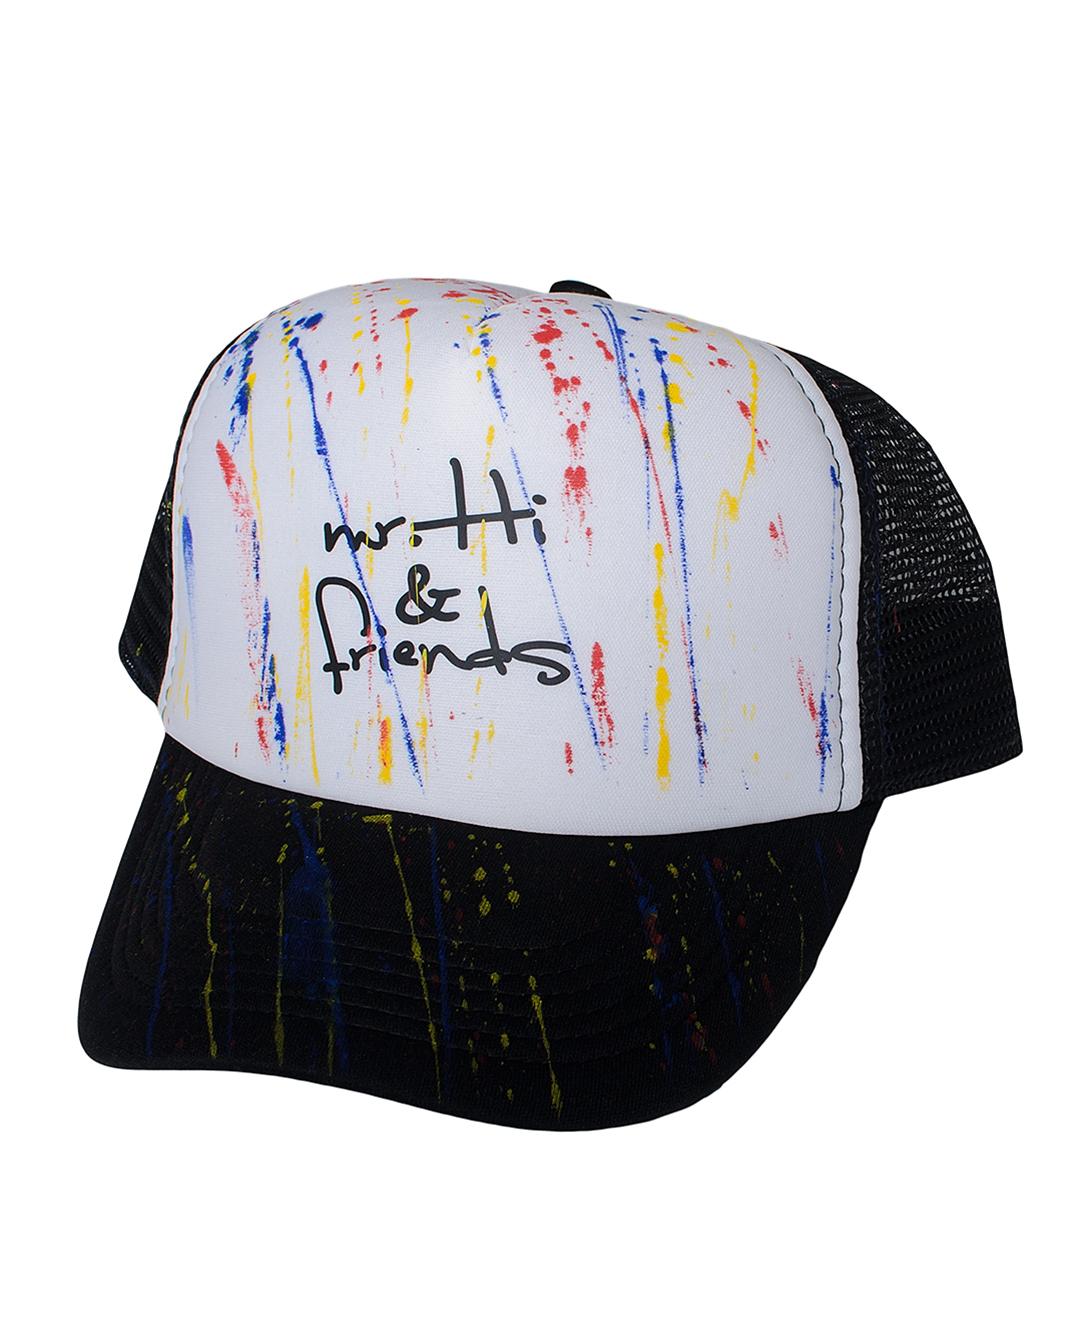 Ανδρικό Καπέλο Mr. Hi αρχική αξεσουάρ   παπούτσια καπέλα